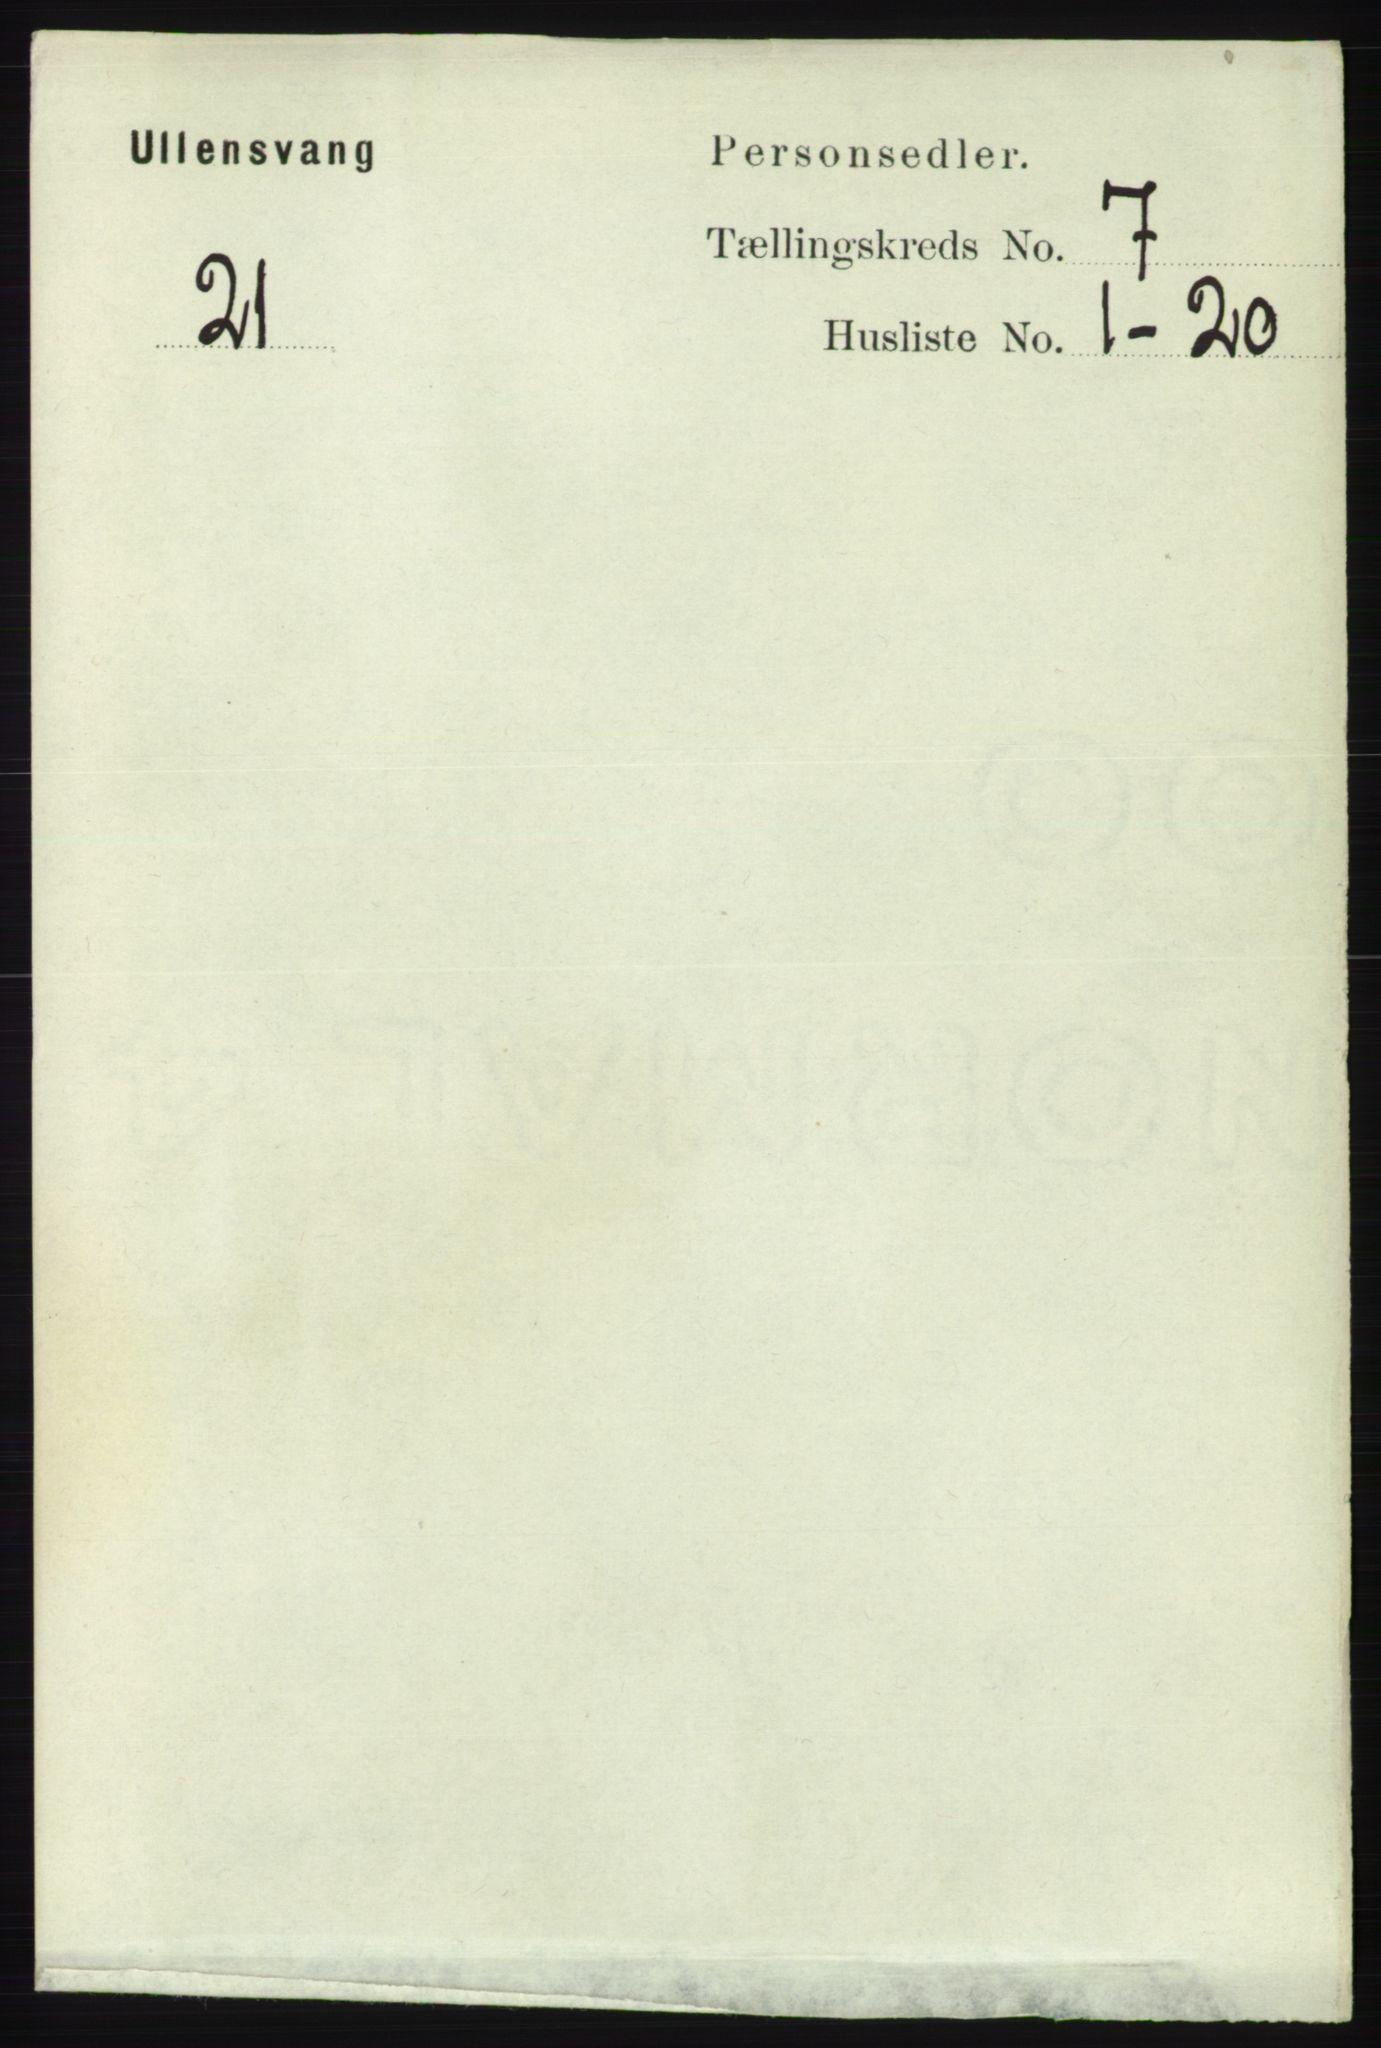 RA, Folketelling 1891 for 1230 Ullensvang herred, 1891, s. 2352